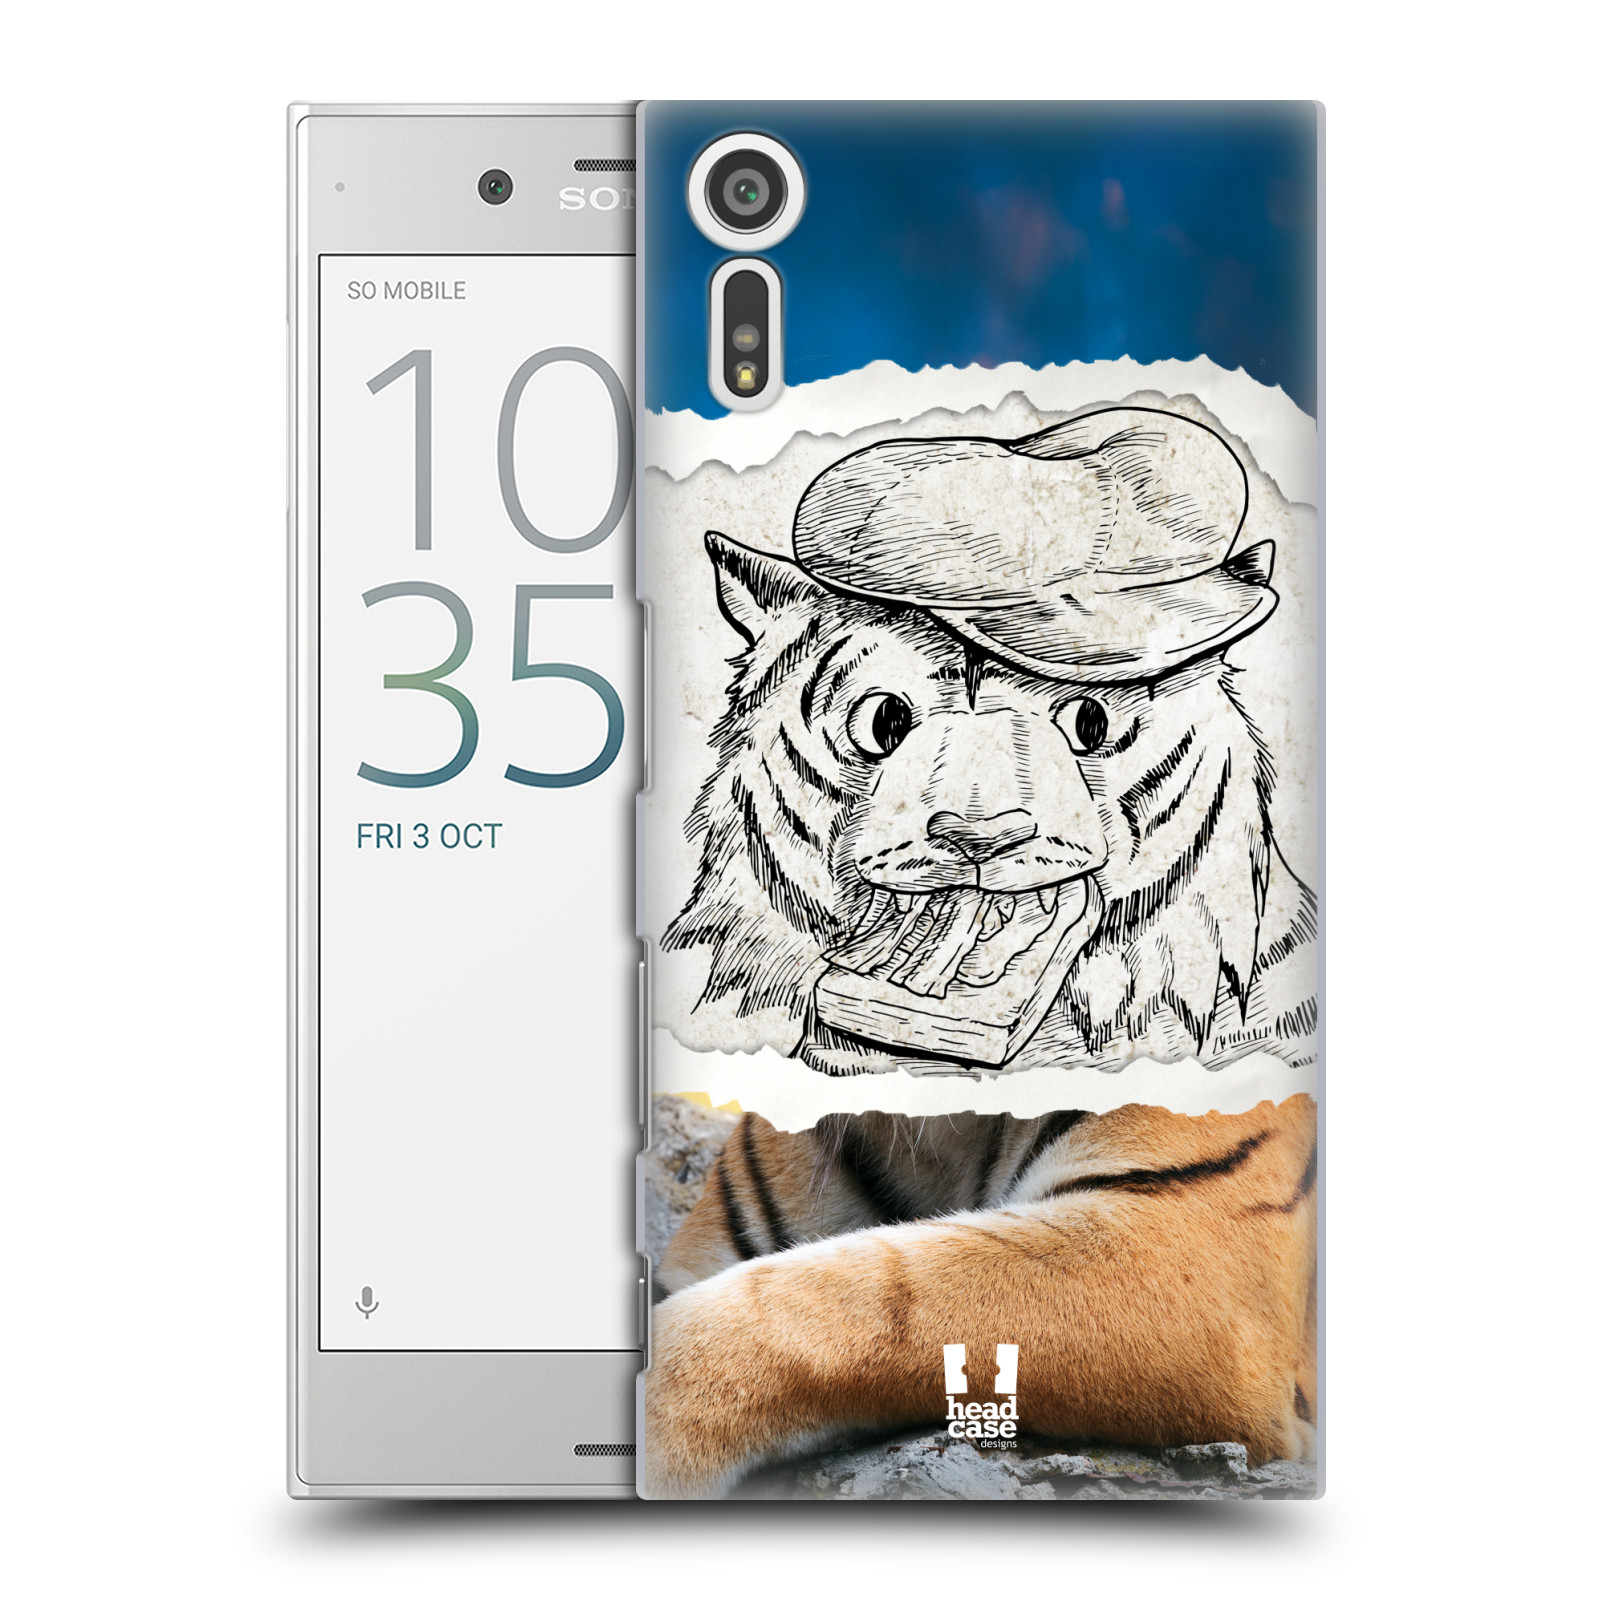 HEAD CASE plastový obal na mobil Sony Xperia XZ vzor zvířata koláž tygr fešák